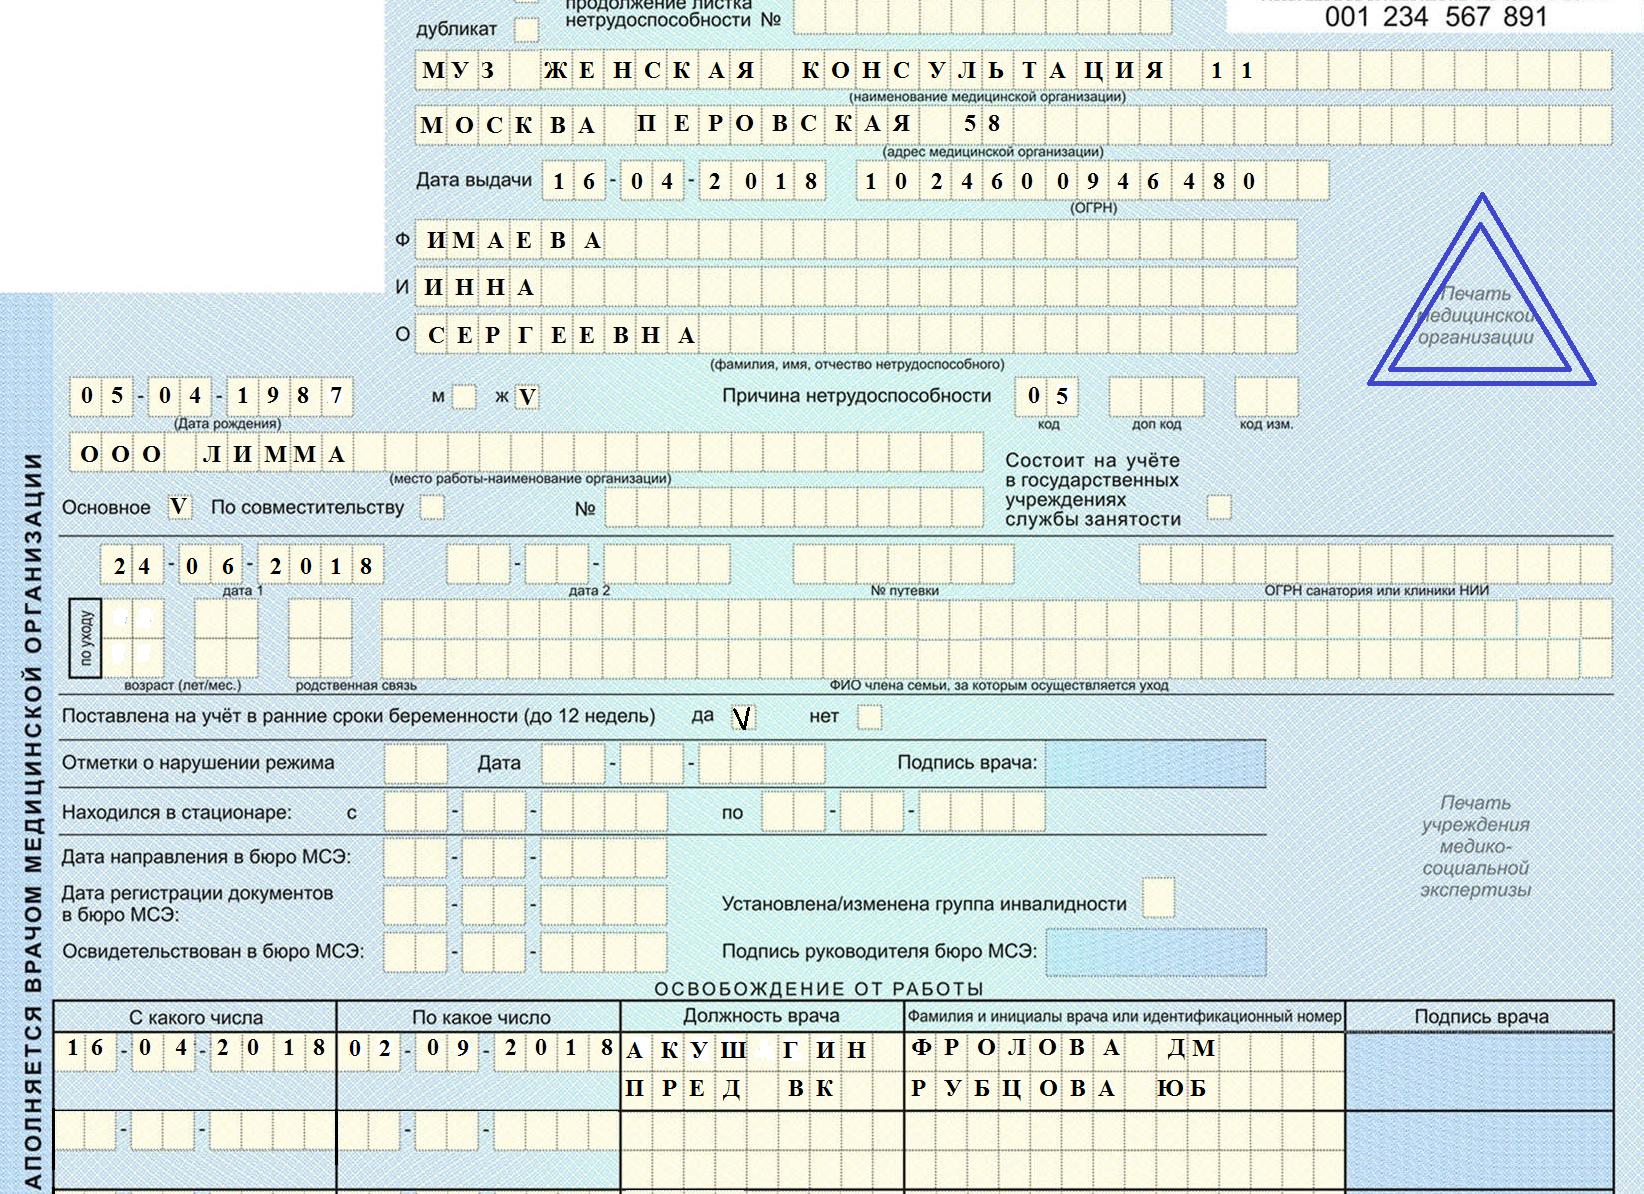 Схемы на микроконтроллерах intel 943